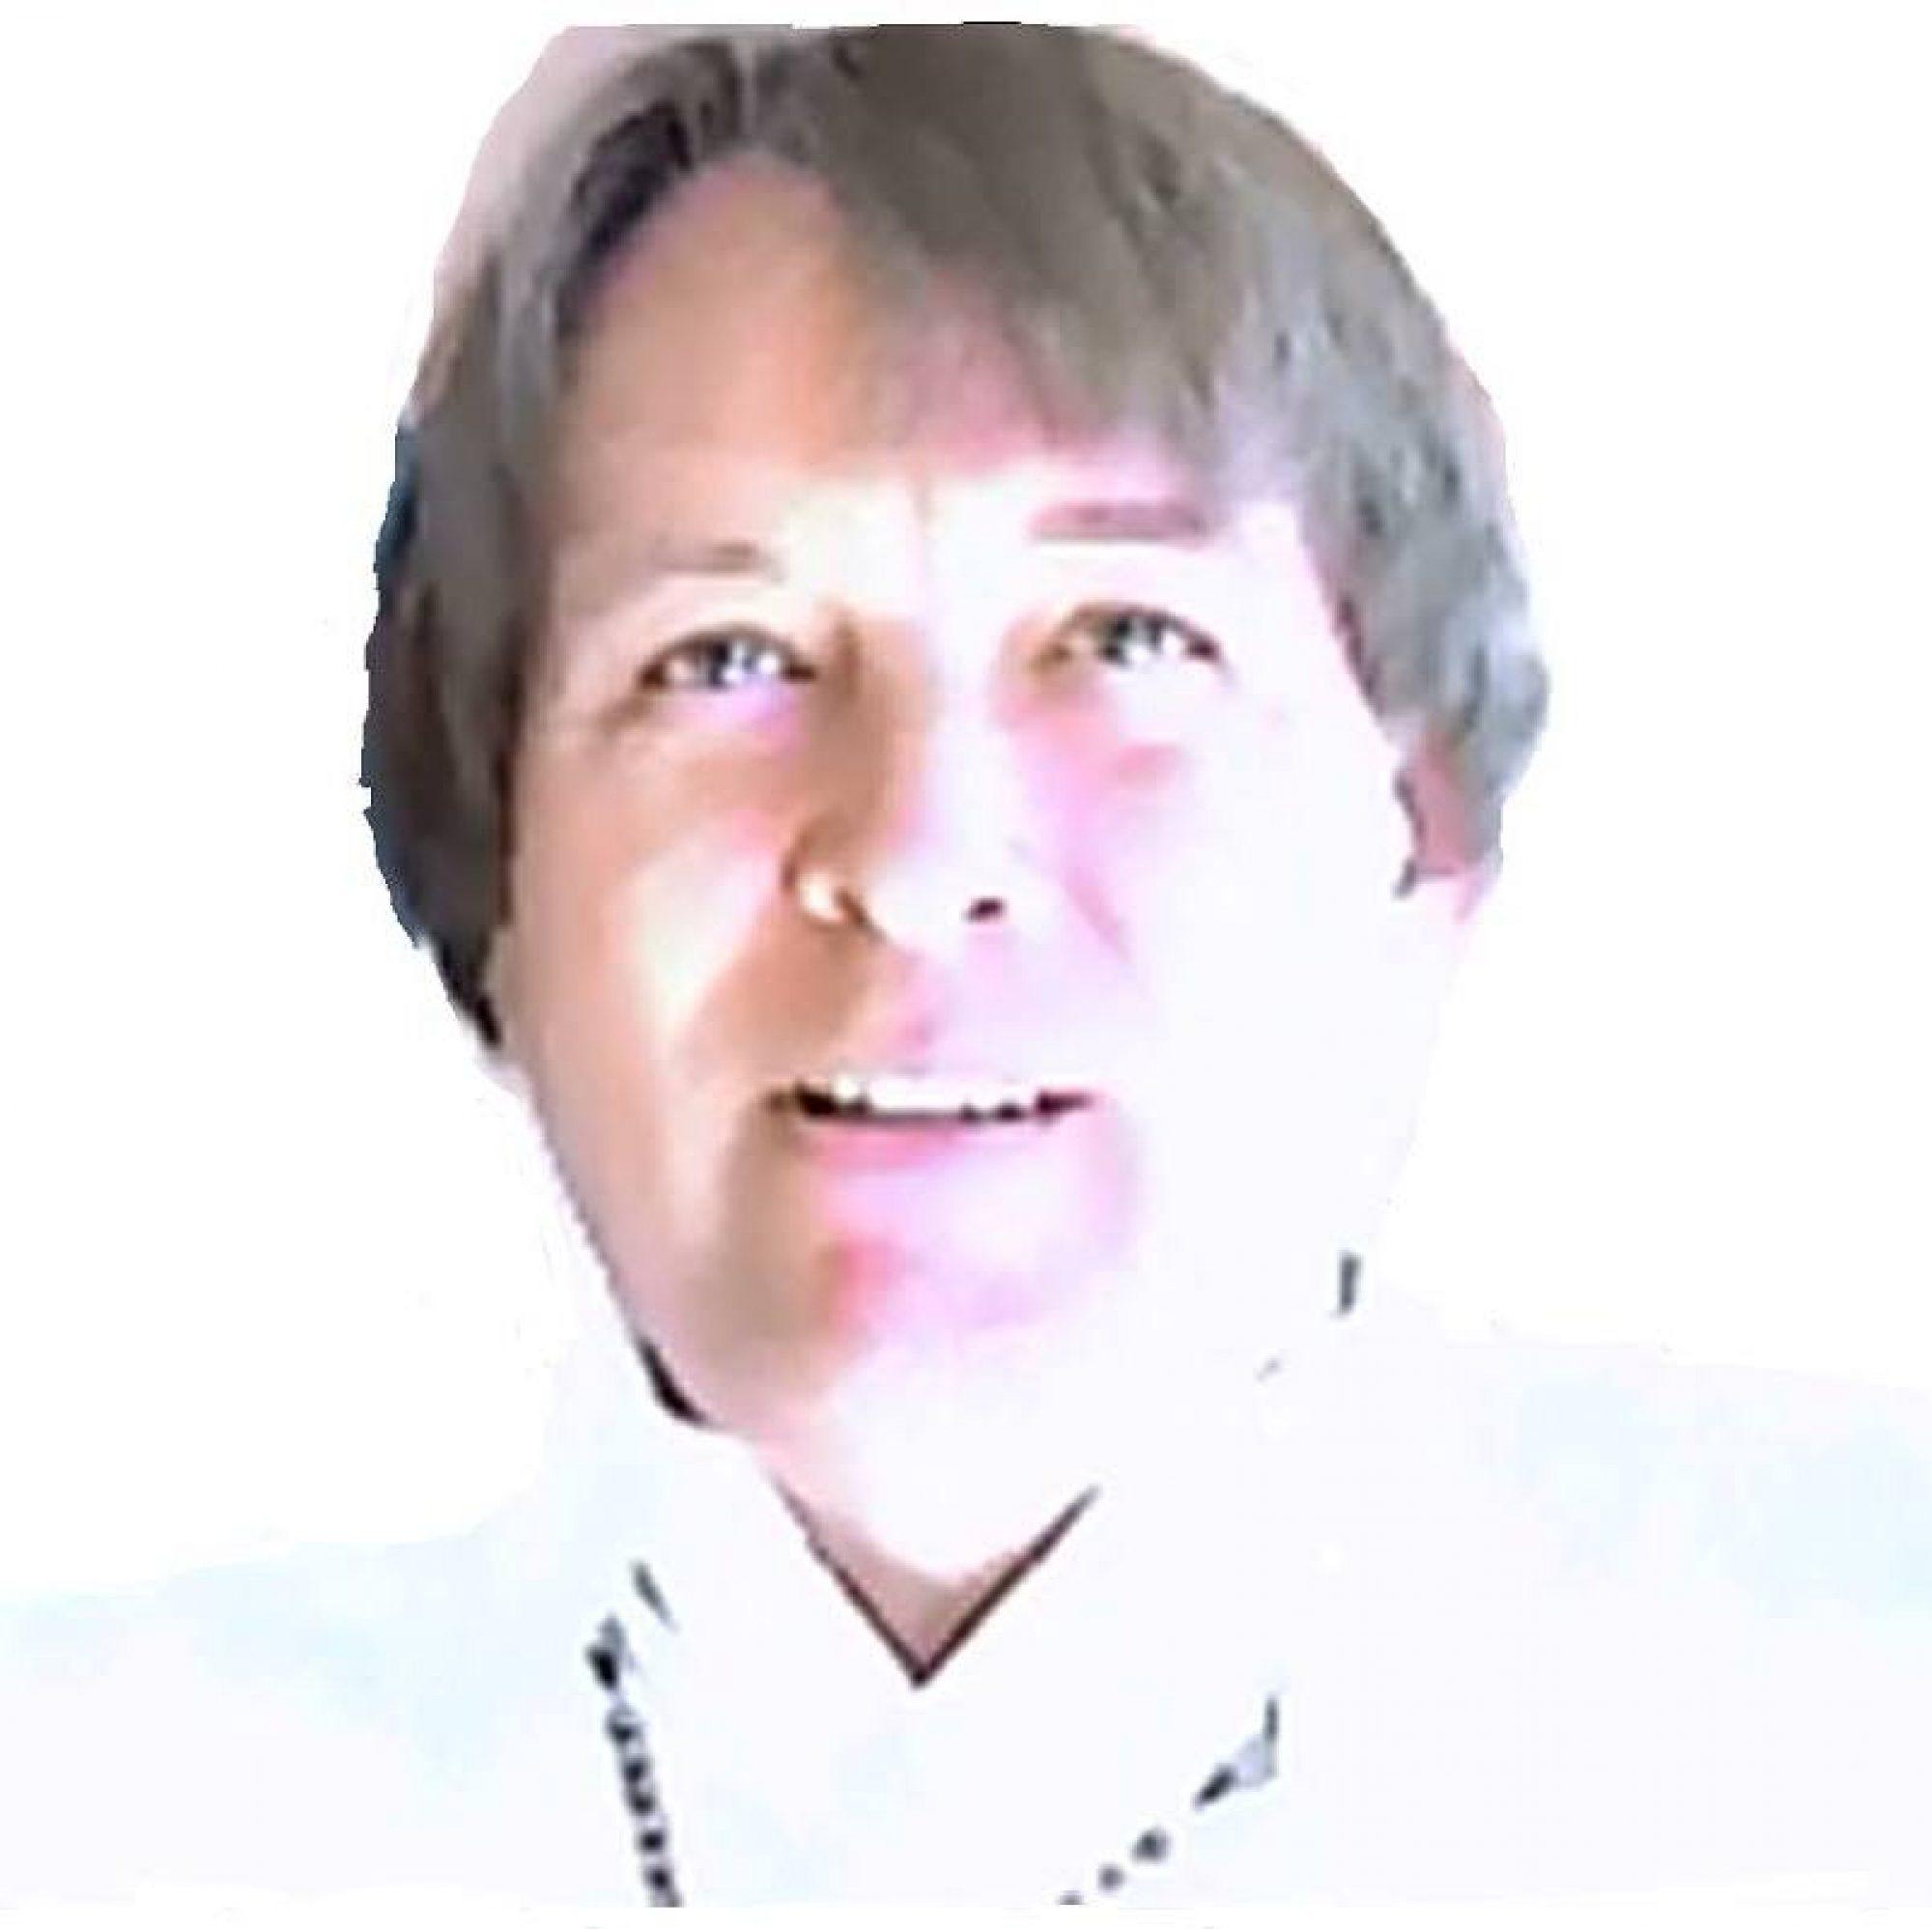 Uwe Rosenkranz Rosary